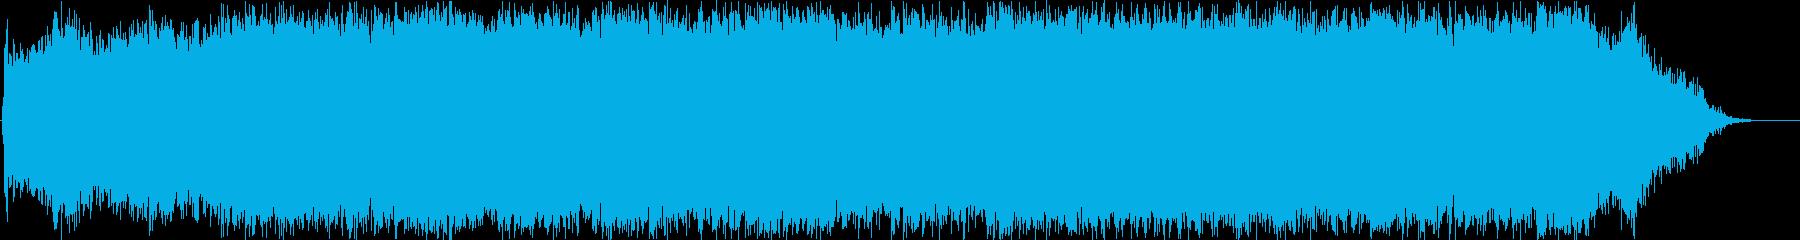 ダークファンタジーオーケストラ戦闘曲62の再生済みの波形